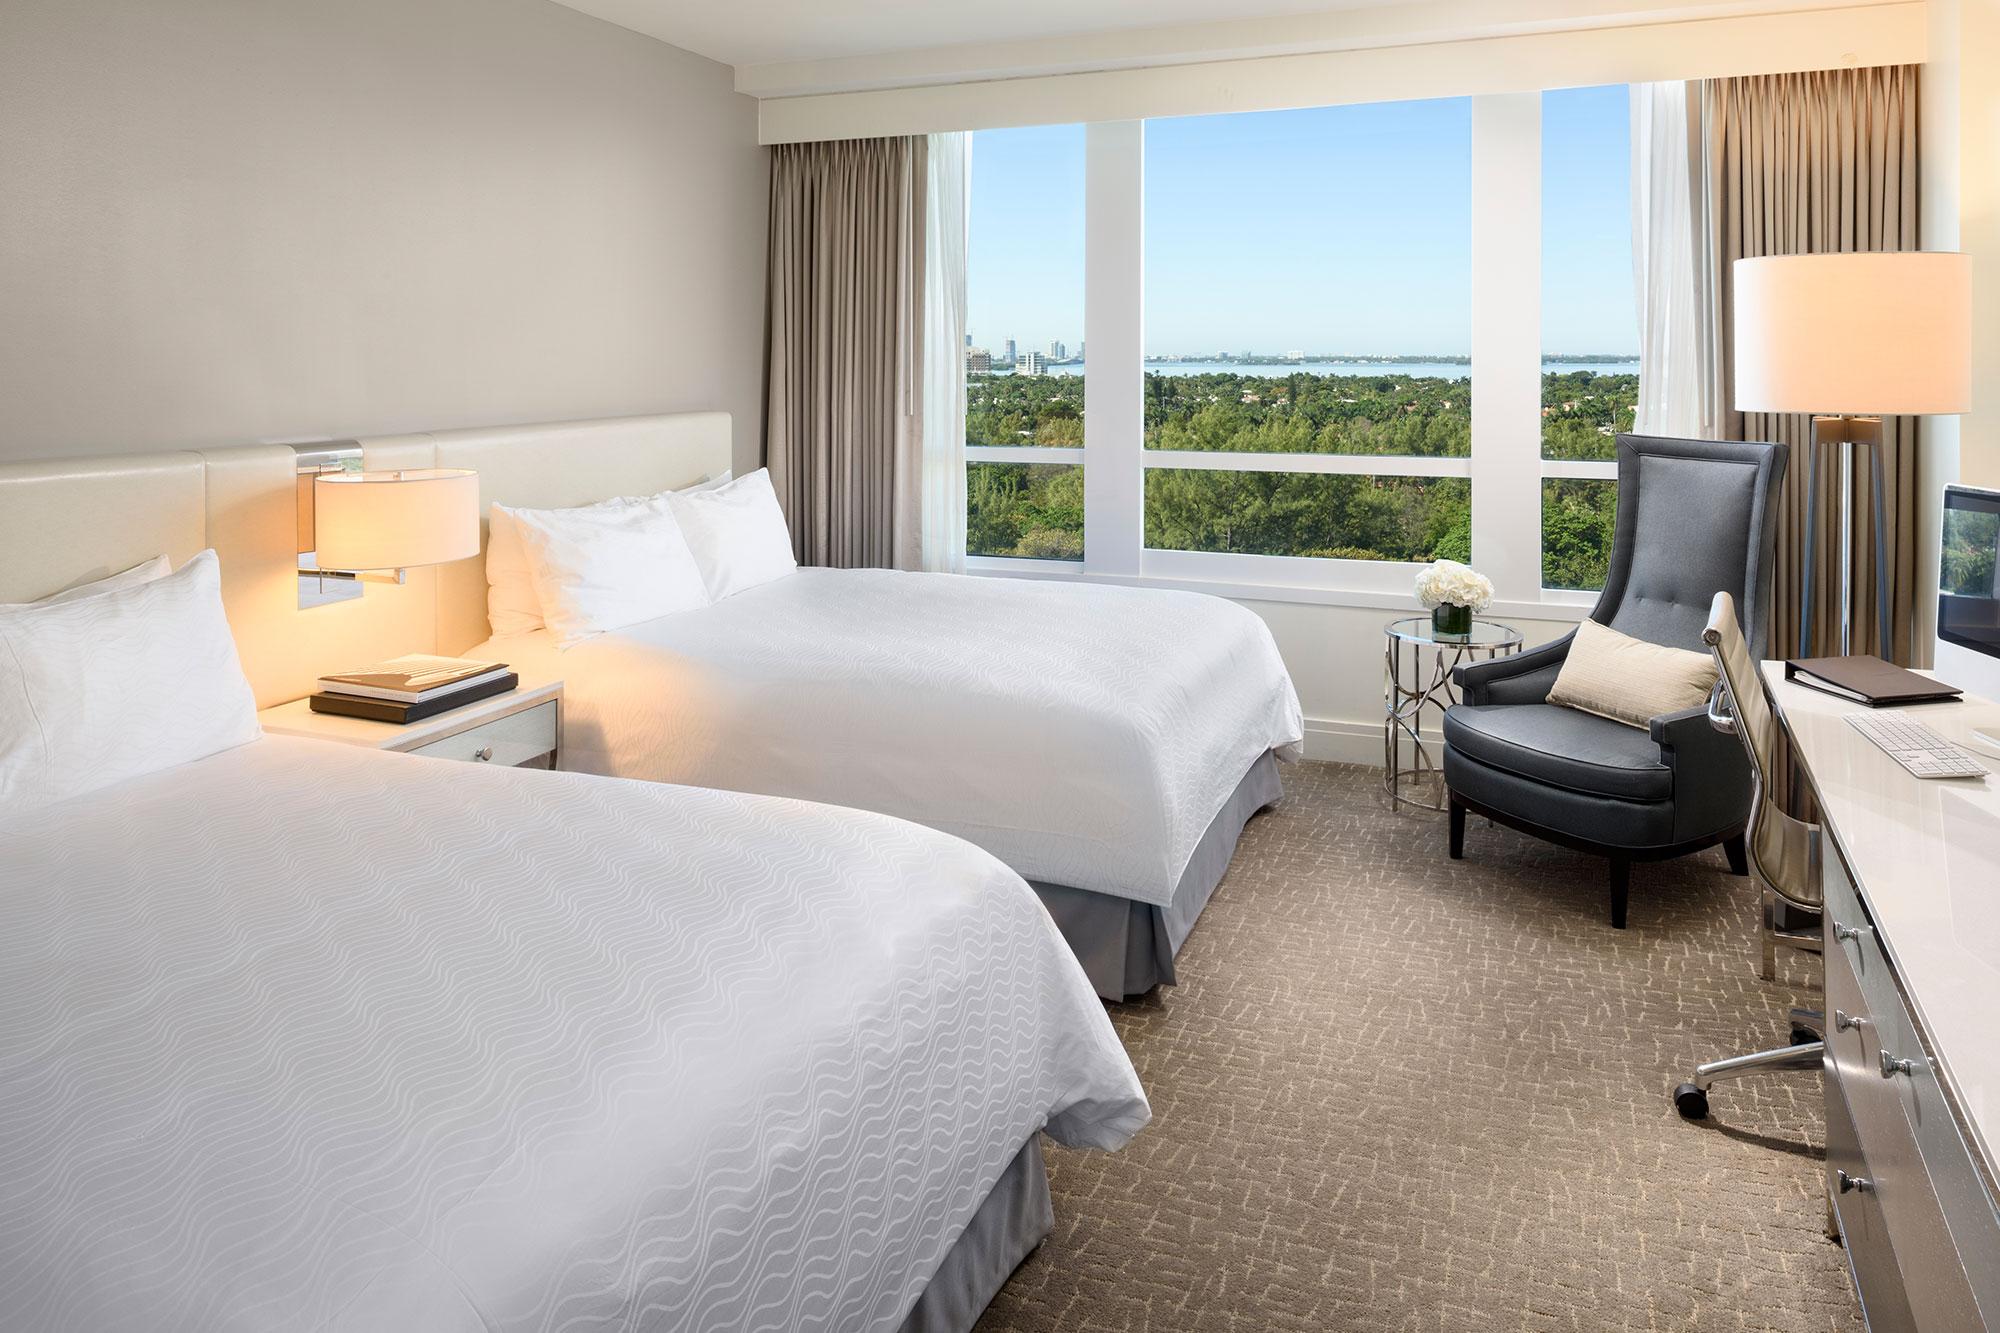 Deluxe Bay View Guestroom 1